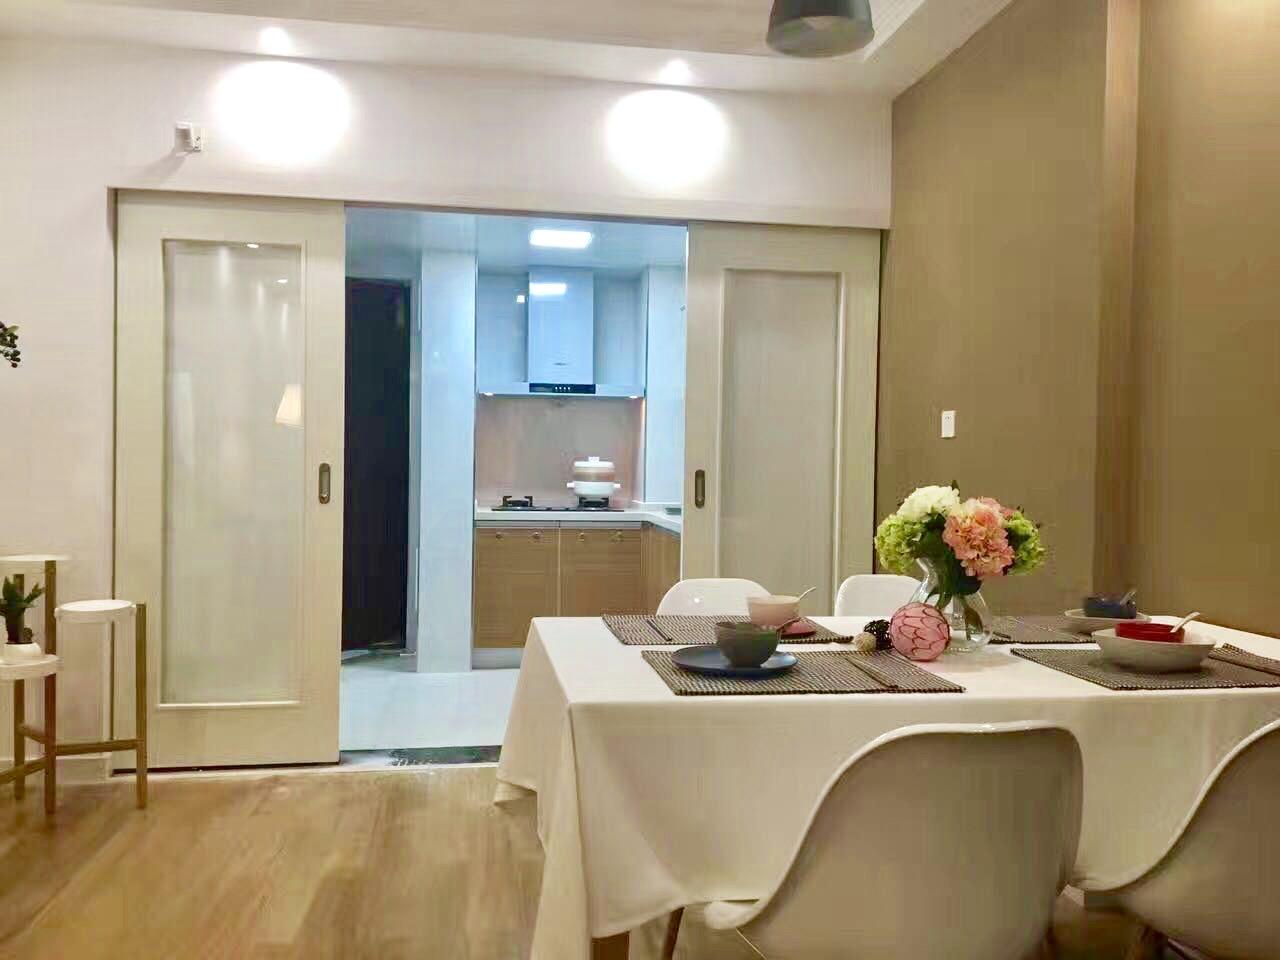 亚麻色墙壁碰撞到厨房亮白色,加上桌面花团锦簌,整个空间浪漫又不失温婉气质。